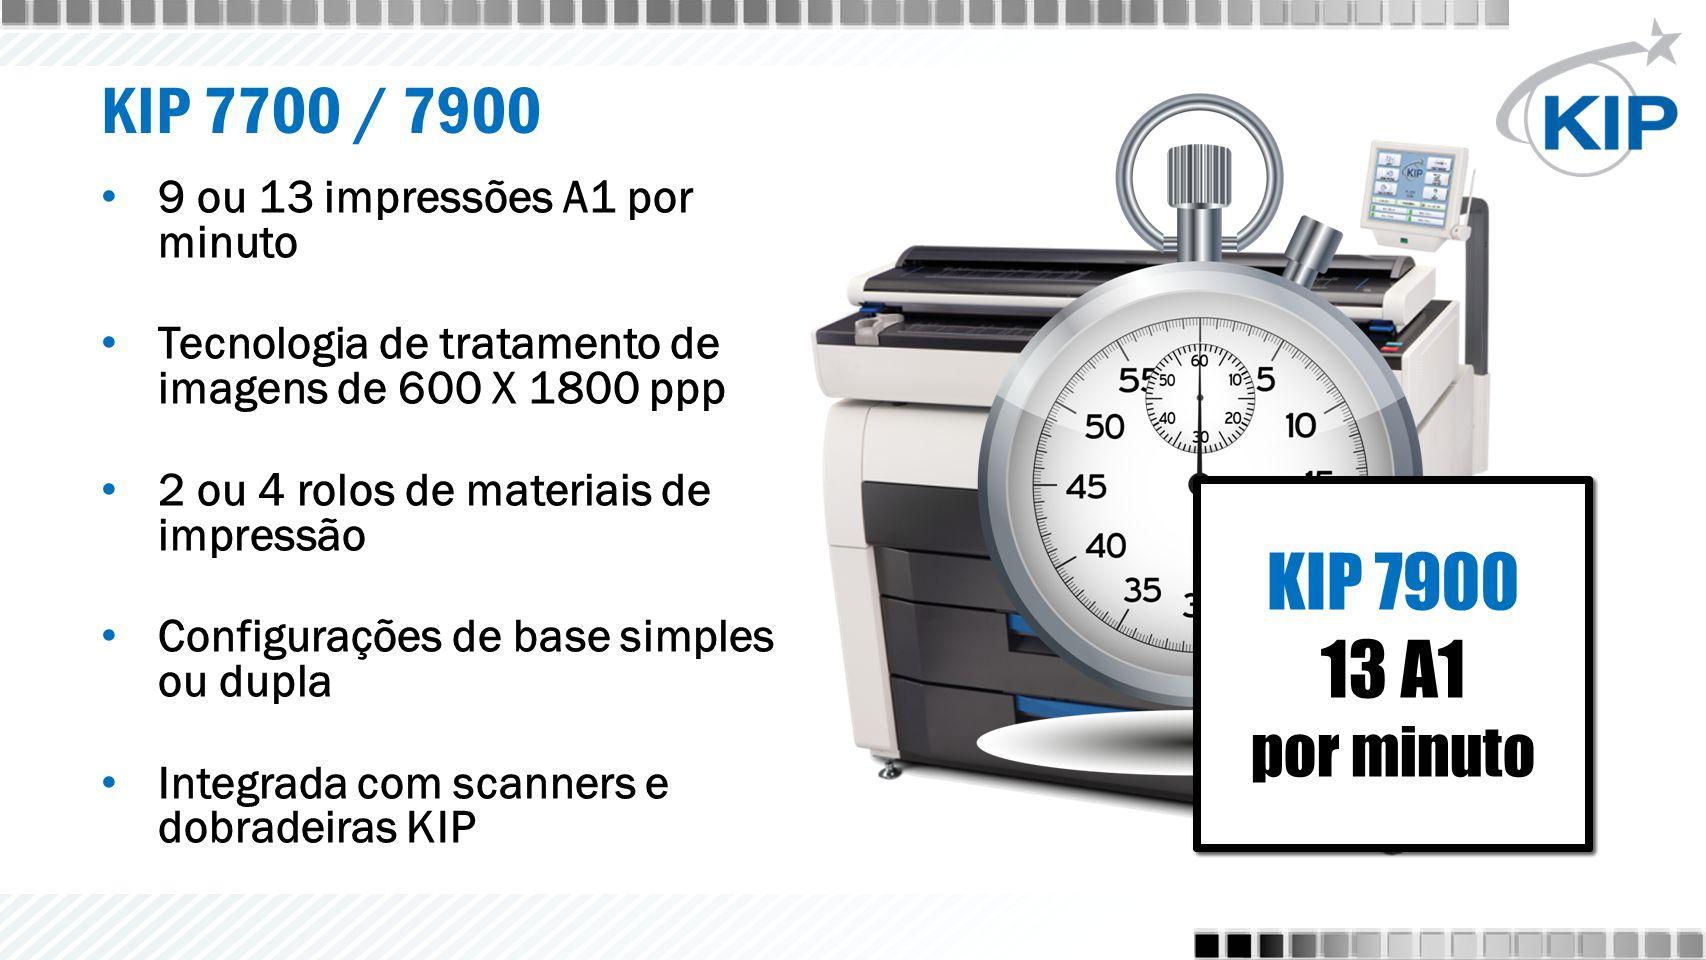 KIP 7700 9 A1 por minuto KIP 7700 9 A1 por minuto KIP 7900 13 A1 por minuto KIP 7900 13 A1 por minuto KIP 7700 / 7900 9 ou 13 impressões A1 por minuto Tecnologia de tratamento de imagens de 600 X 1800 ppp 2 ou 4 rolos de materiais de impressão Configurações de base simples ou dupla Integrada com scanners e dobradeiras KIP